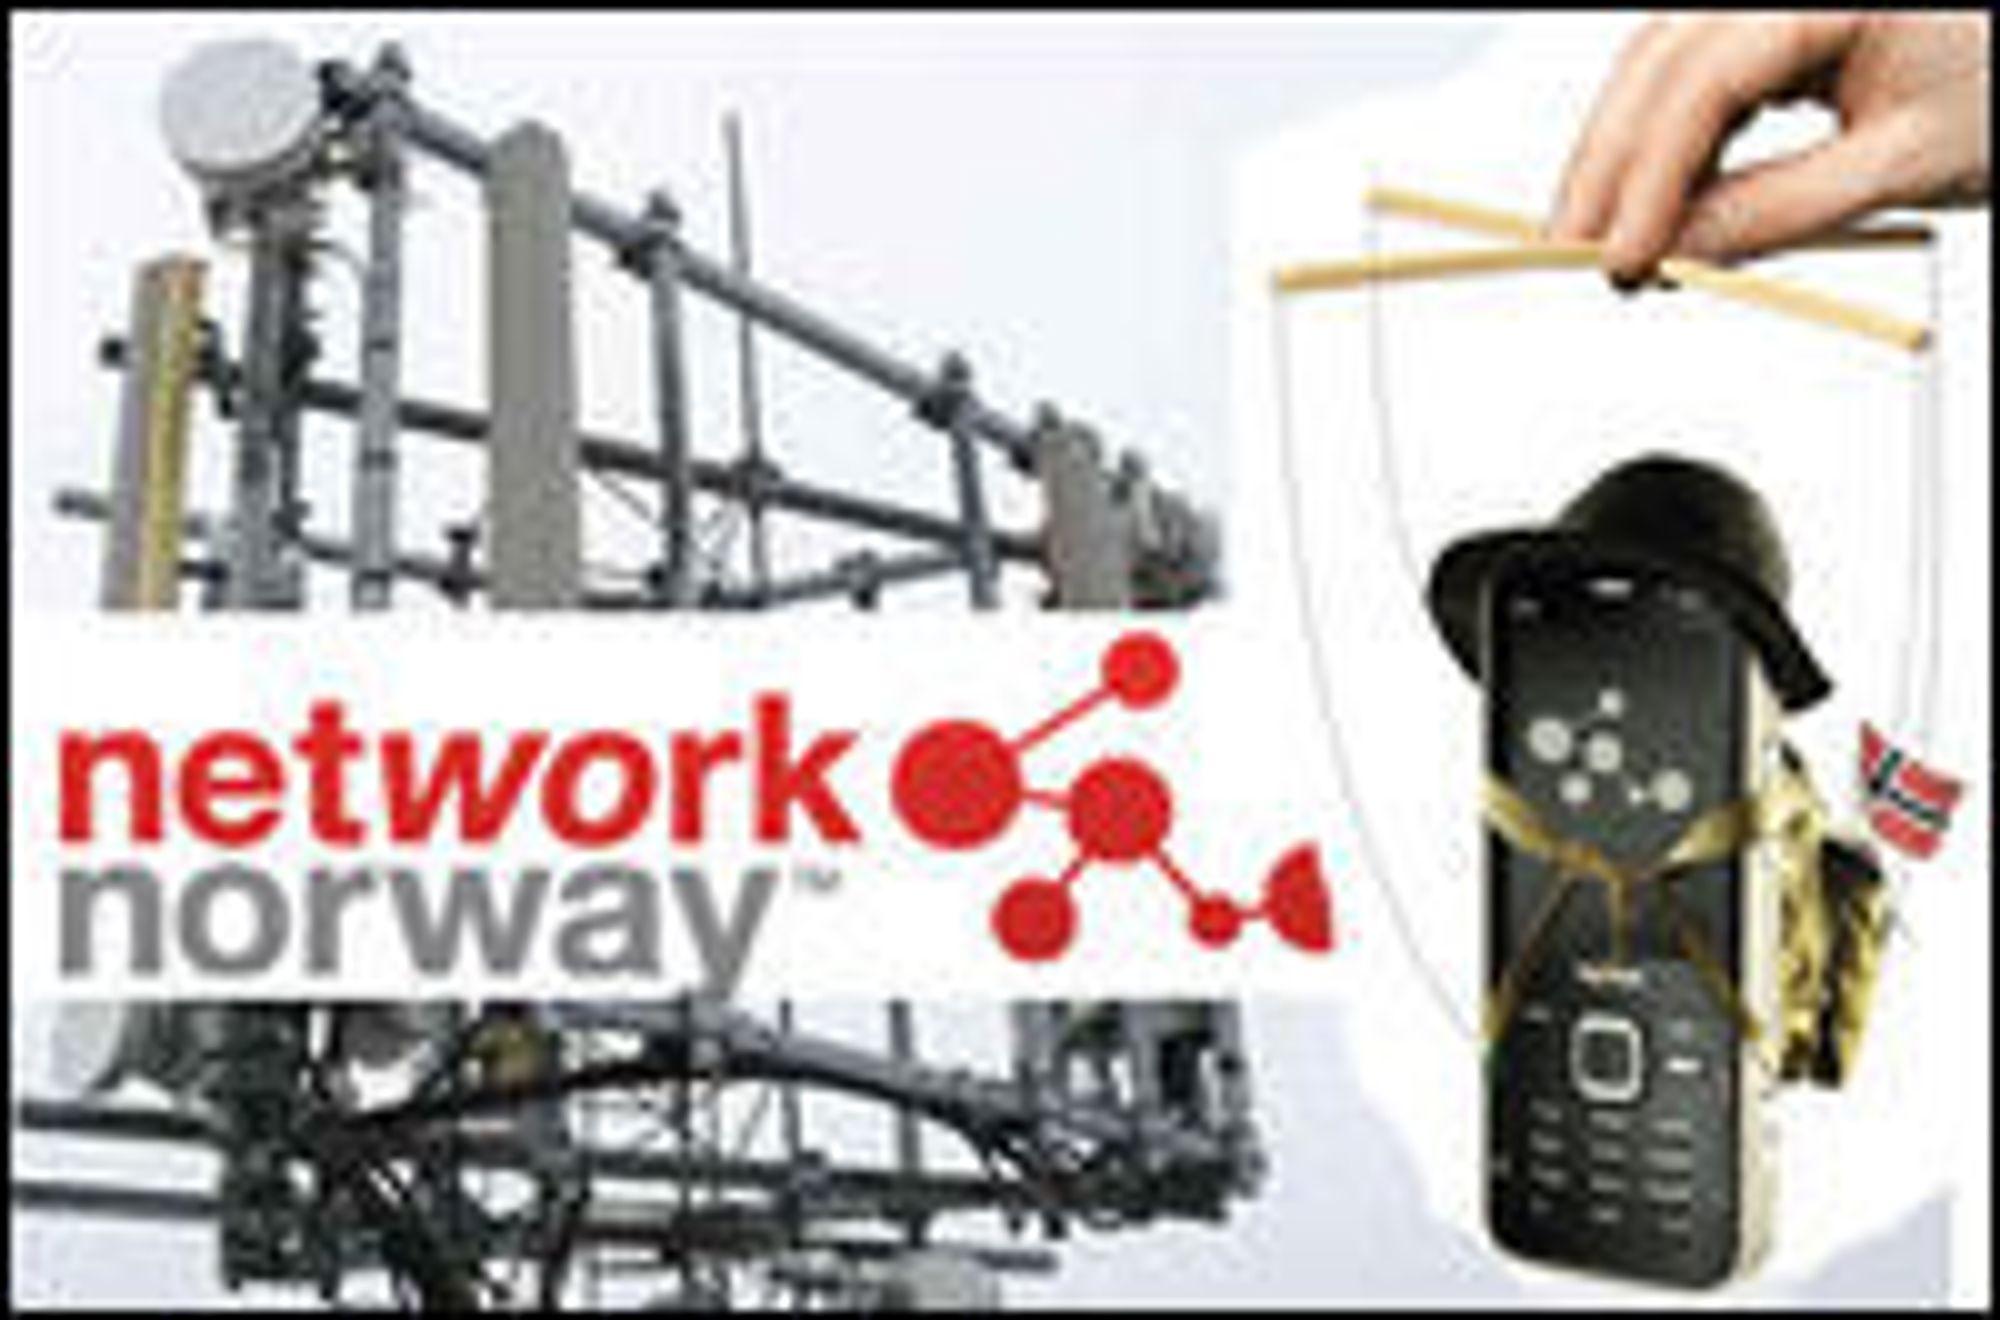 Network Norway blir nå slukt av svenske Tele2.